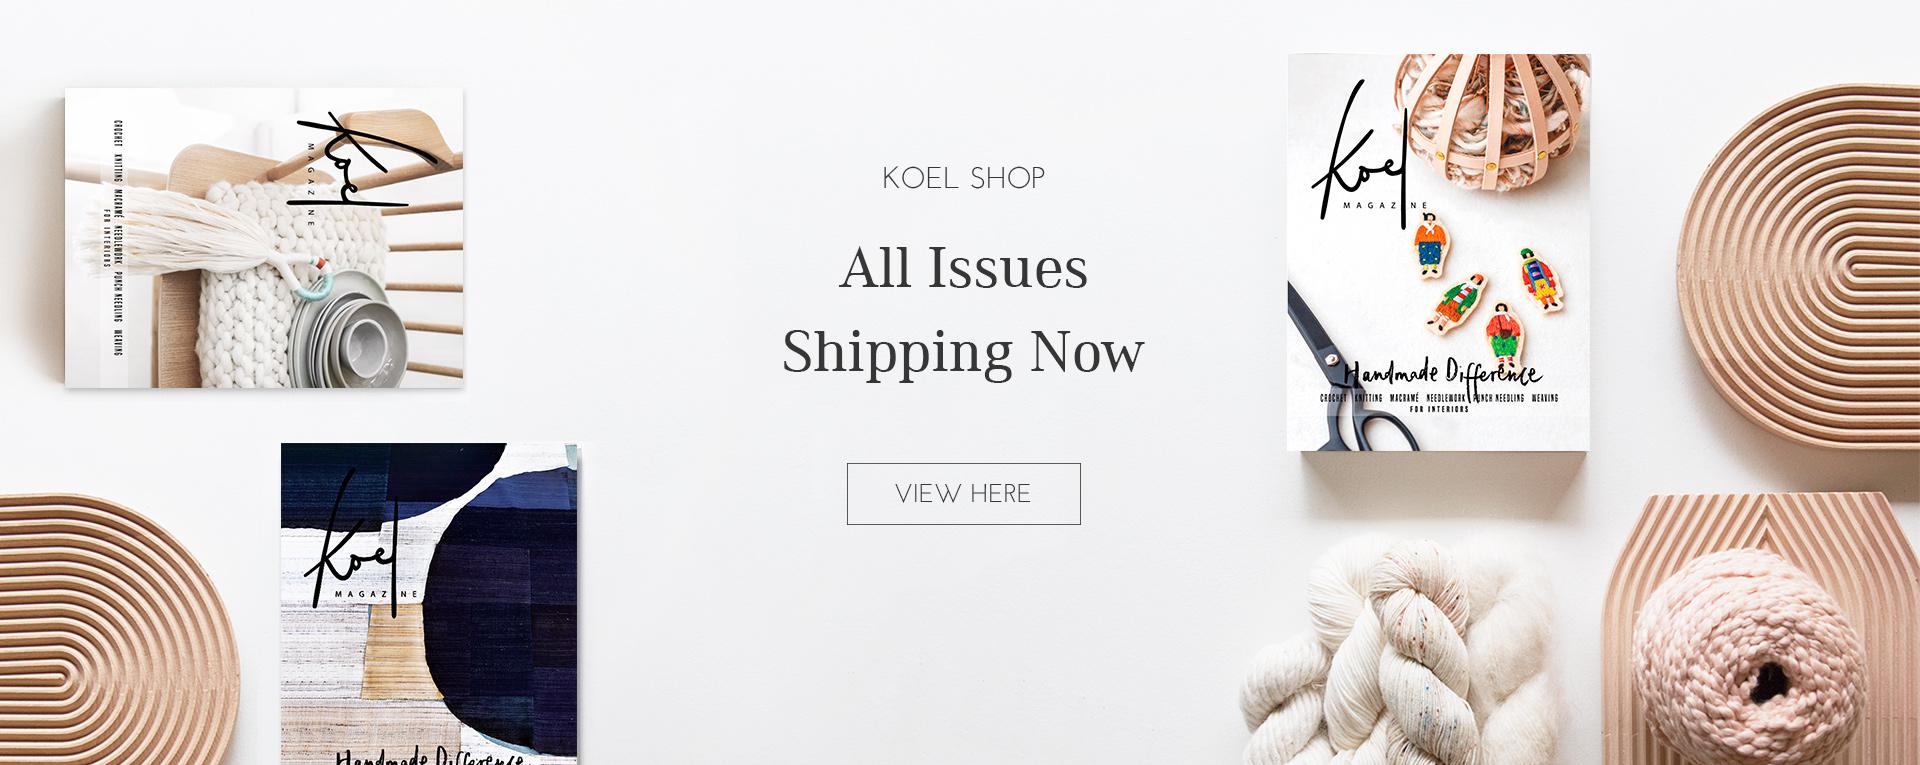 koel-shop-banner-issue8.jpg